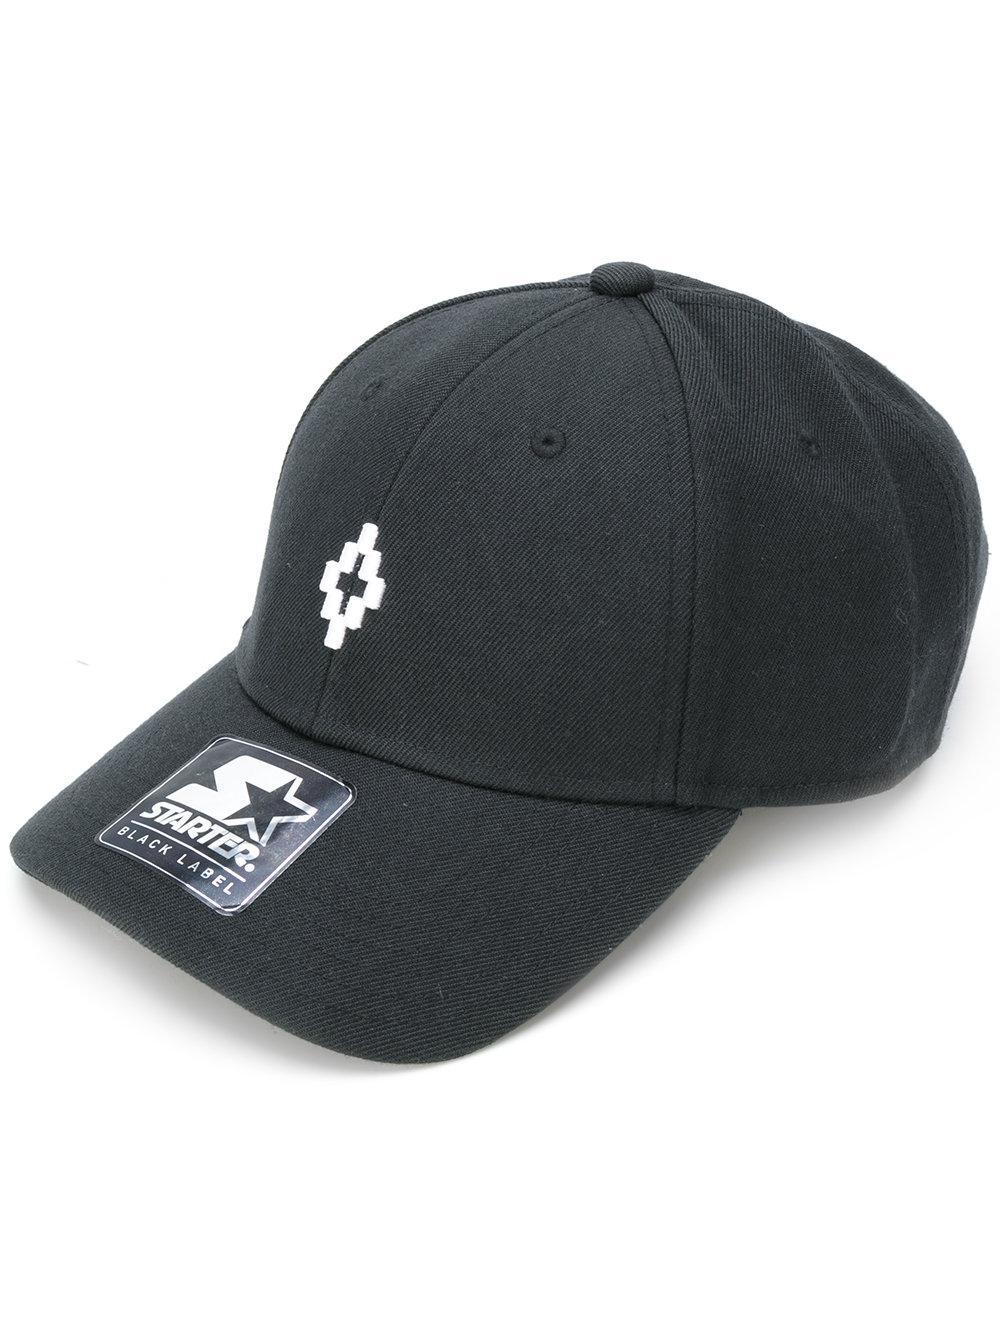 Lyst - Marcelo Burlon Starter Pelken Cap in Black for Men 43ed694d2a9b